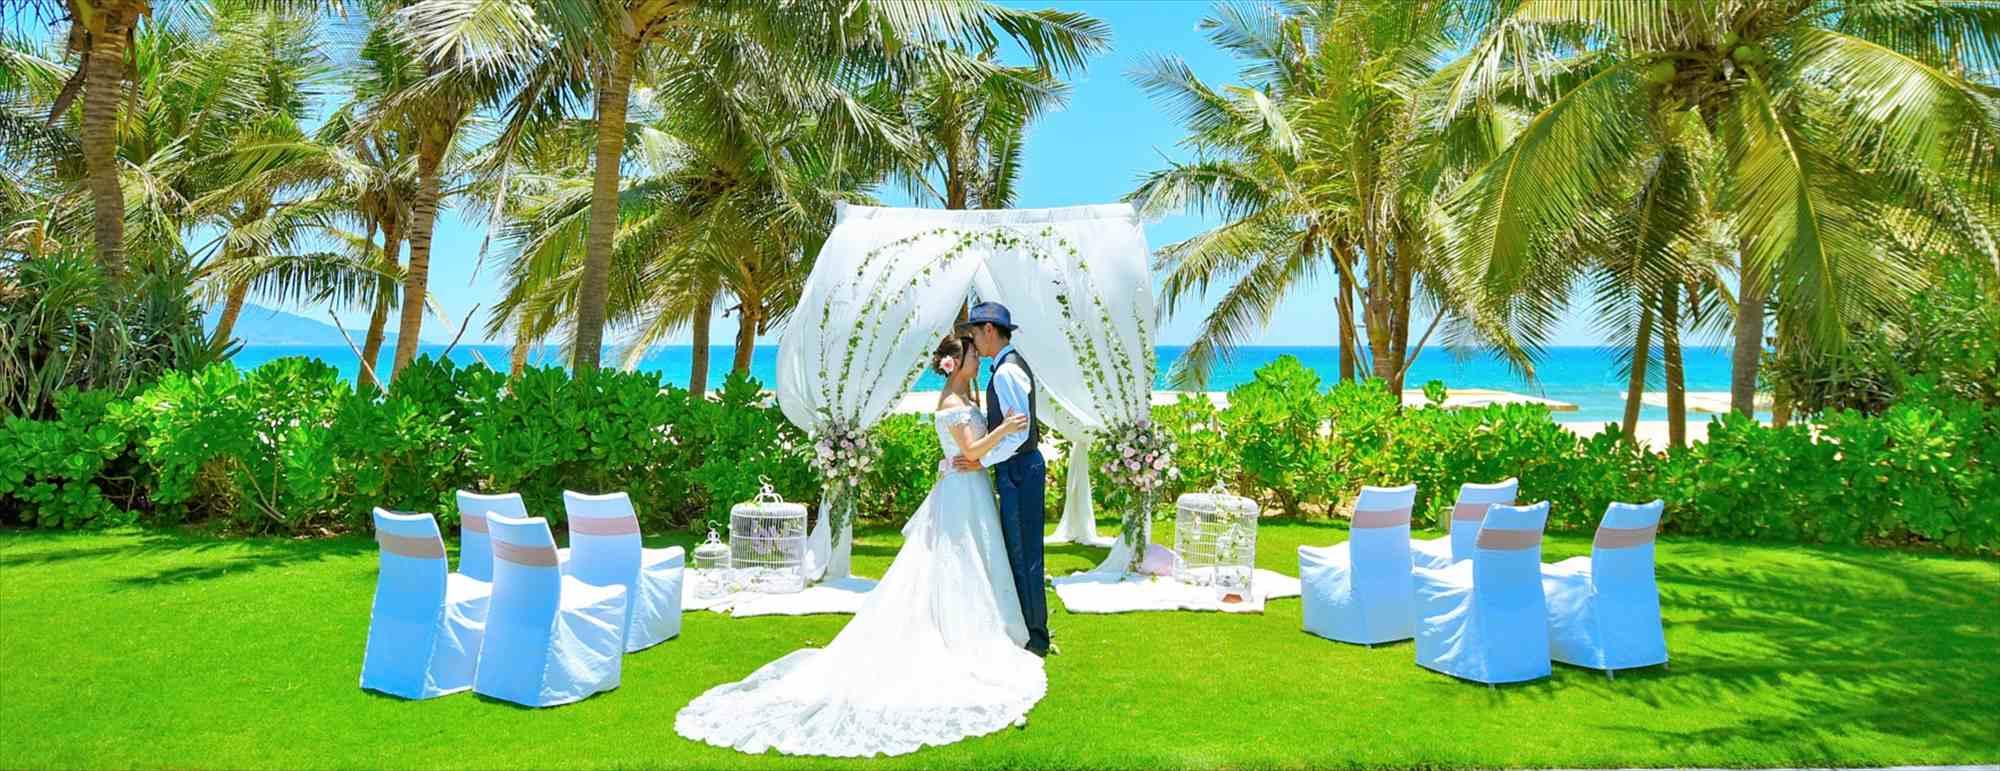 ベトナム・ダナン・ヴィラウェディング<br /> Fusion Maia Danang Villa Wedding<br /> フュージョン・マイア挙式